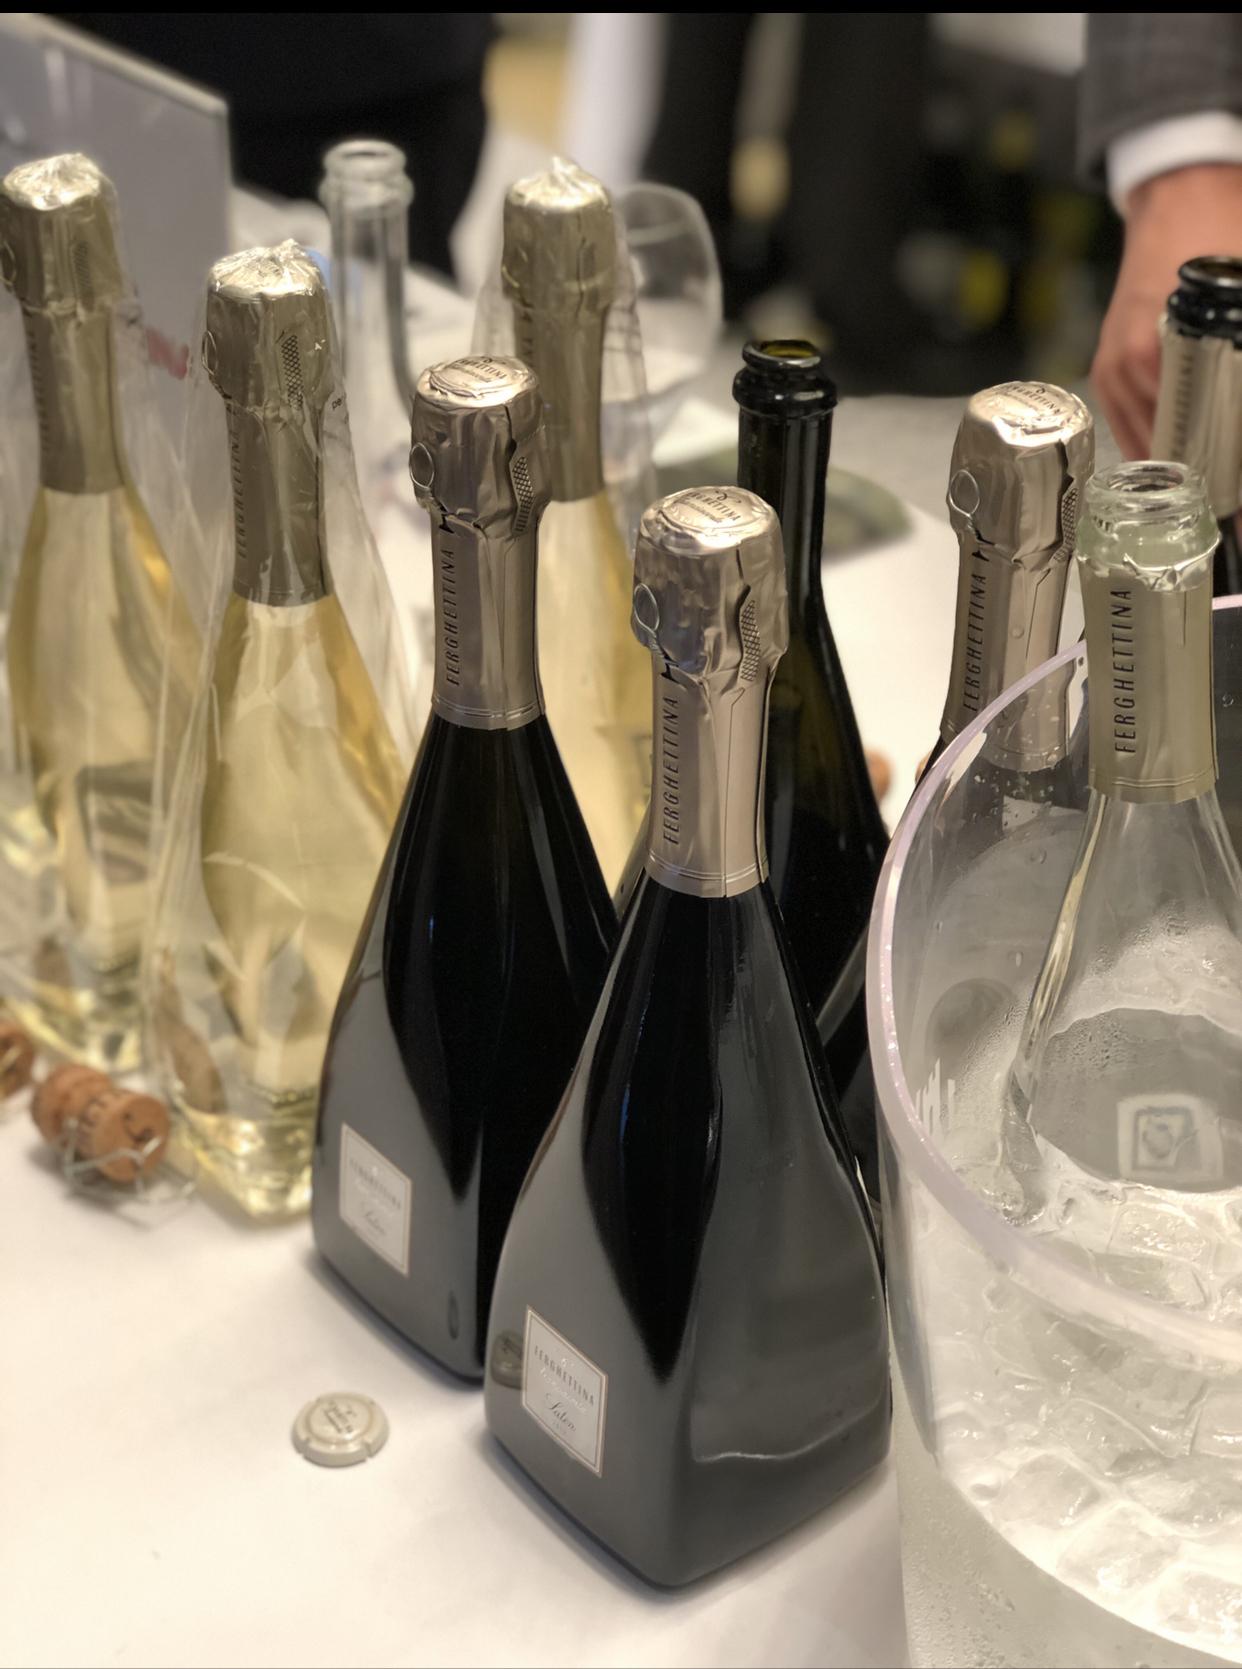 イタリアの最高峰発泡ワイン『フランチャコルタ』で乾杯☆_1_9-2